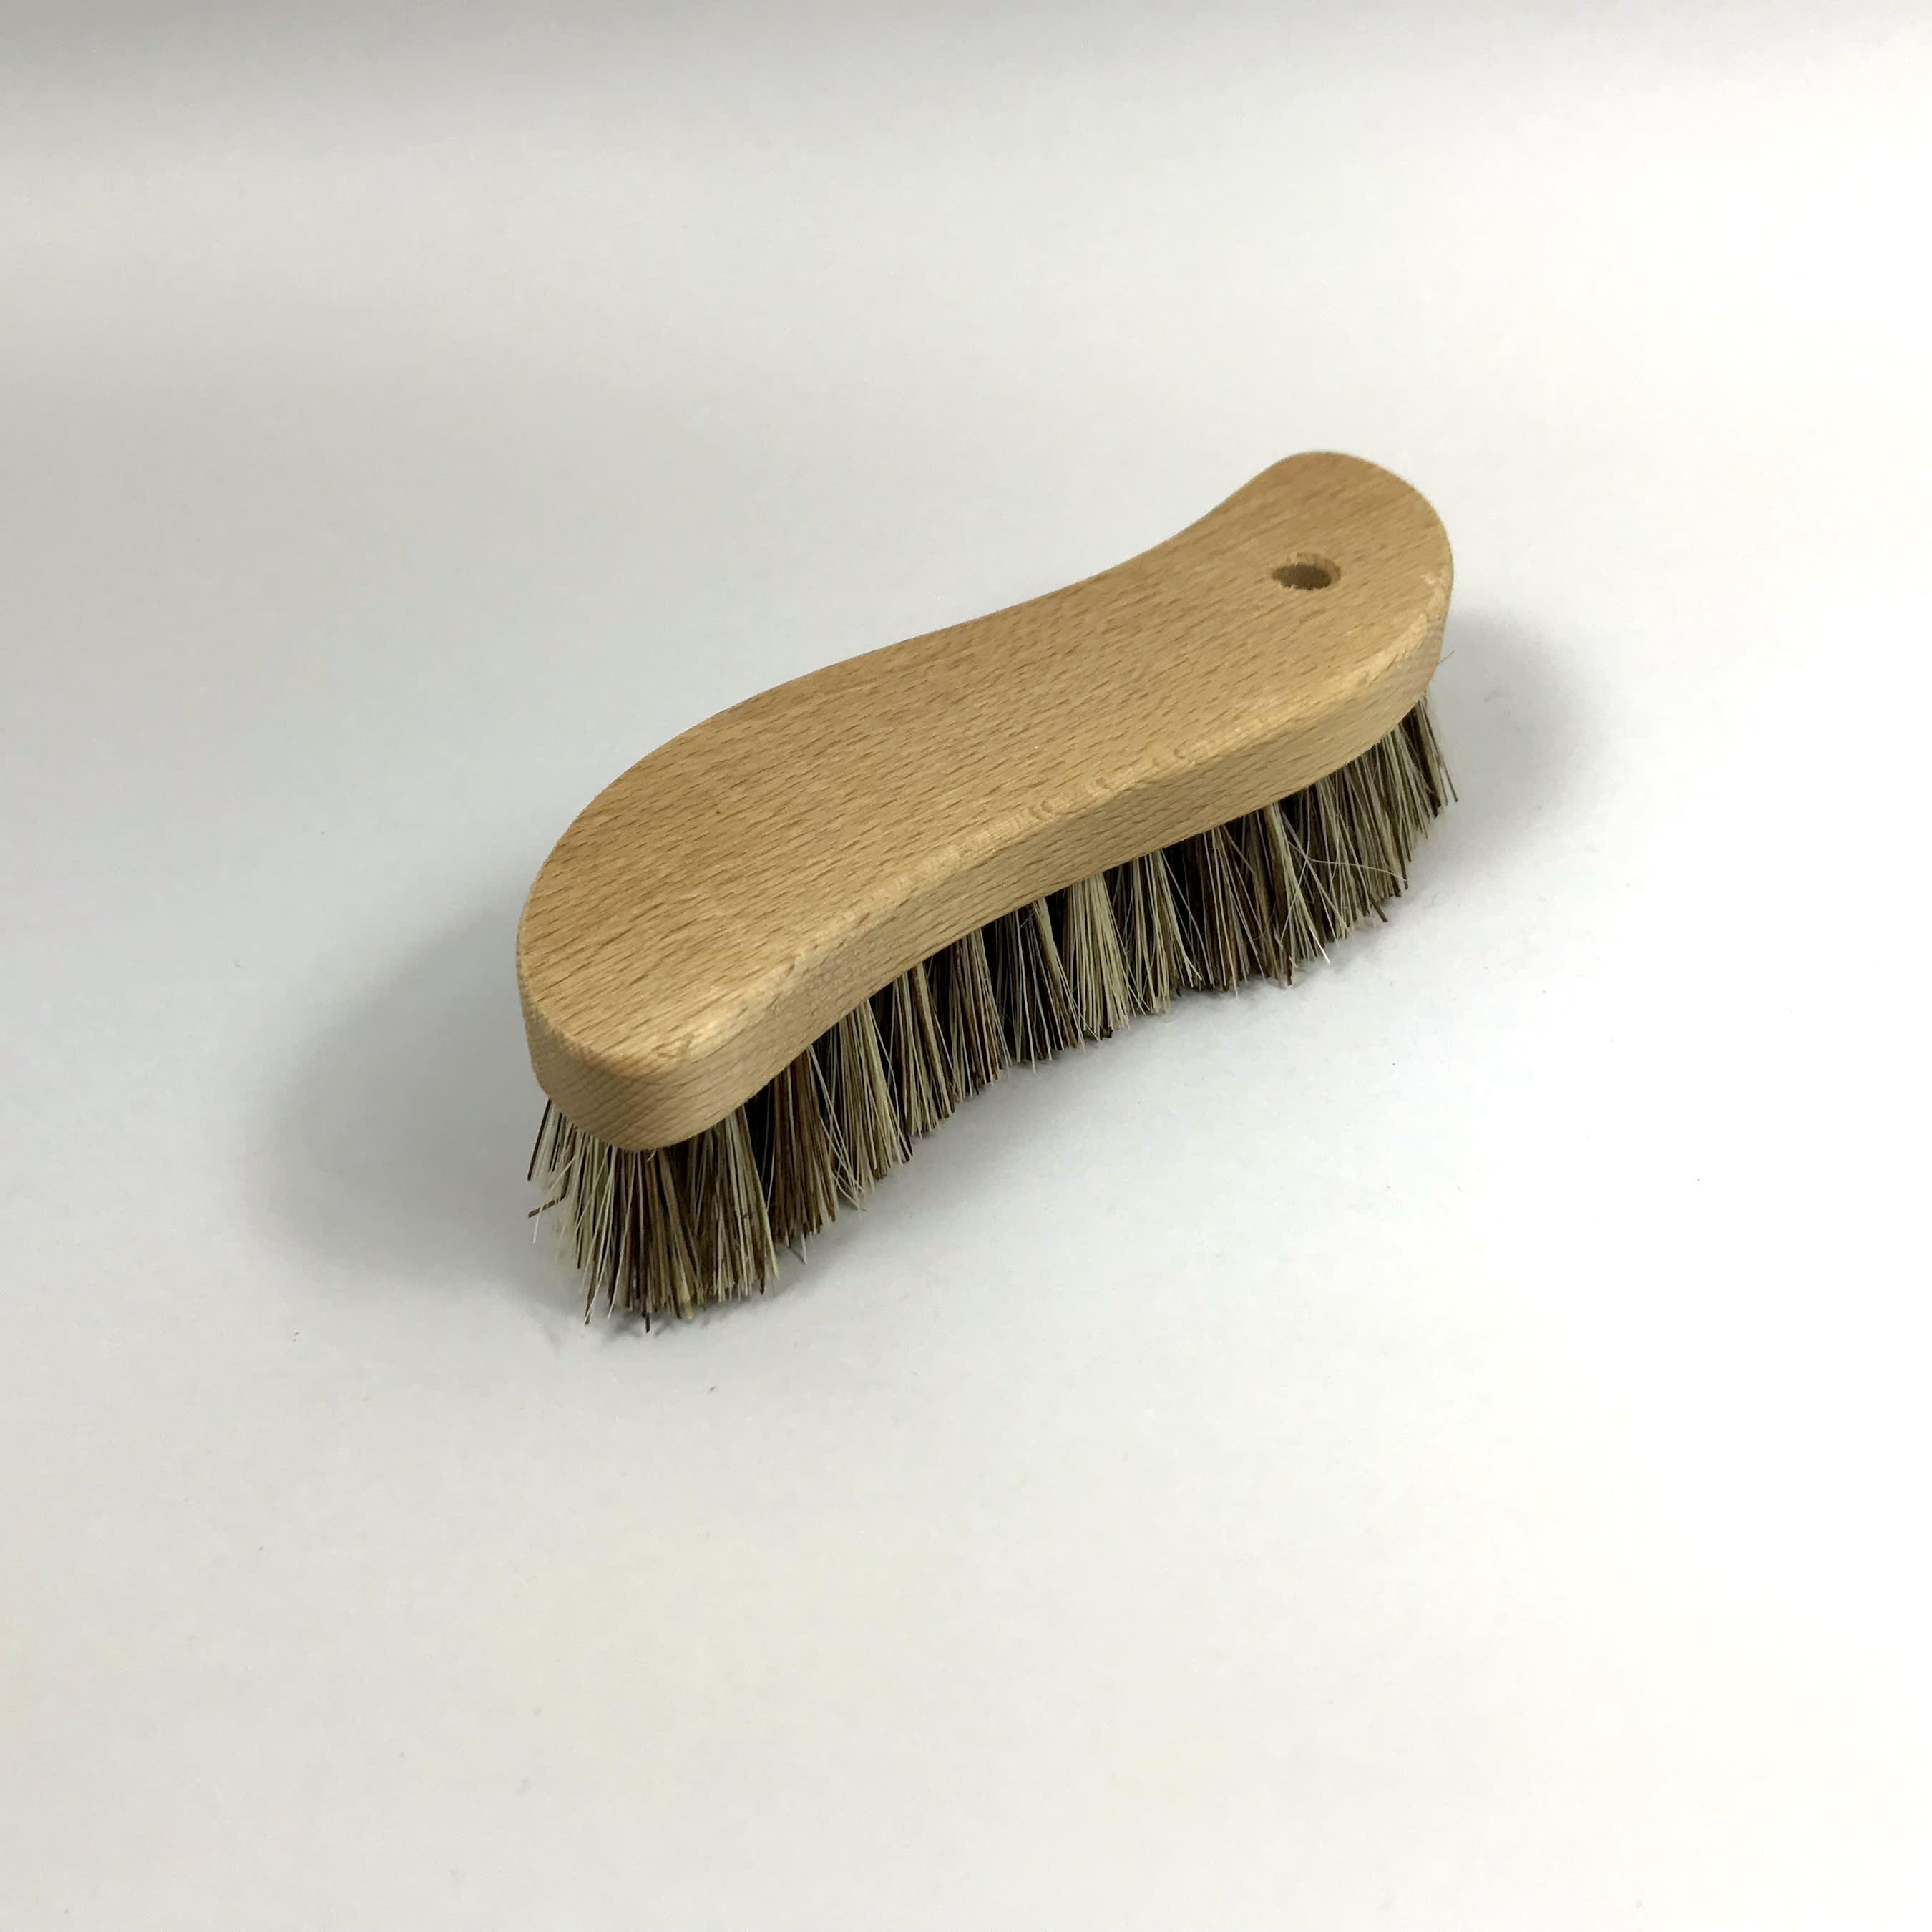 Redecker 21cm Scrubbing Brush